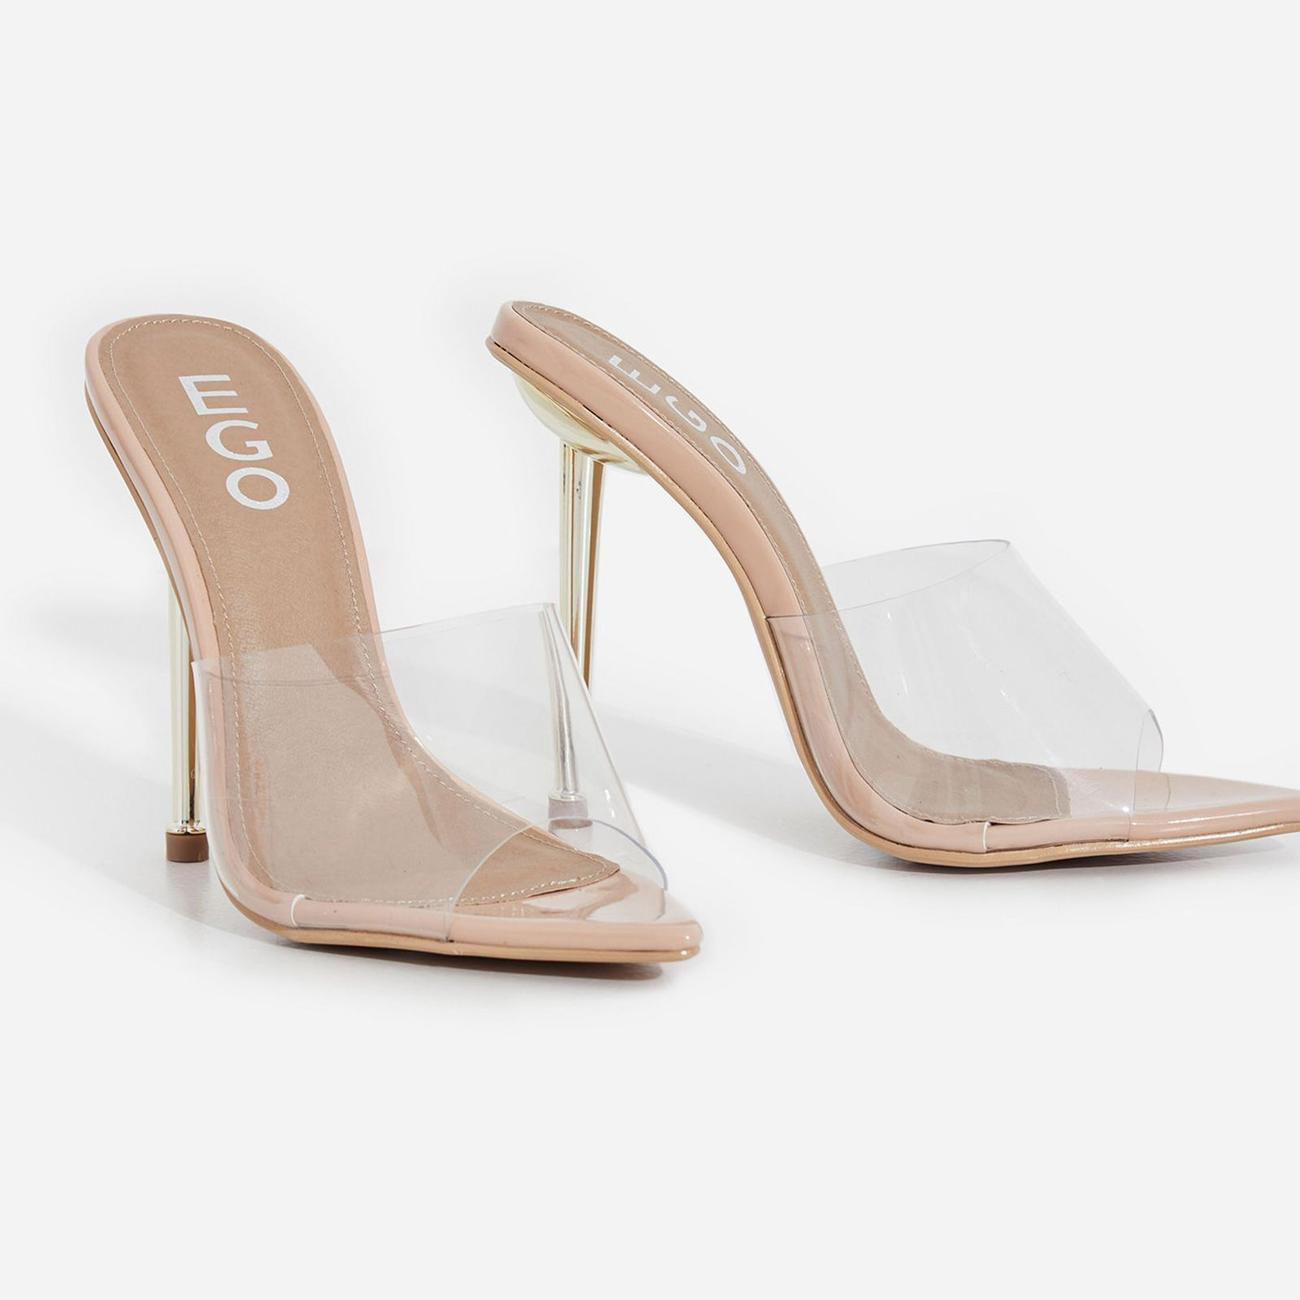 KingKing Clear Perspex Pointed Peep Toe Heel Mule In Nude Patent Image 3